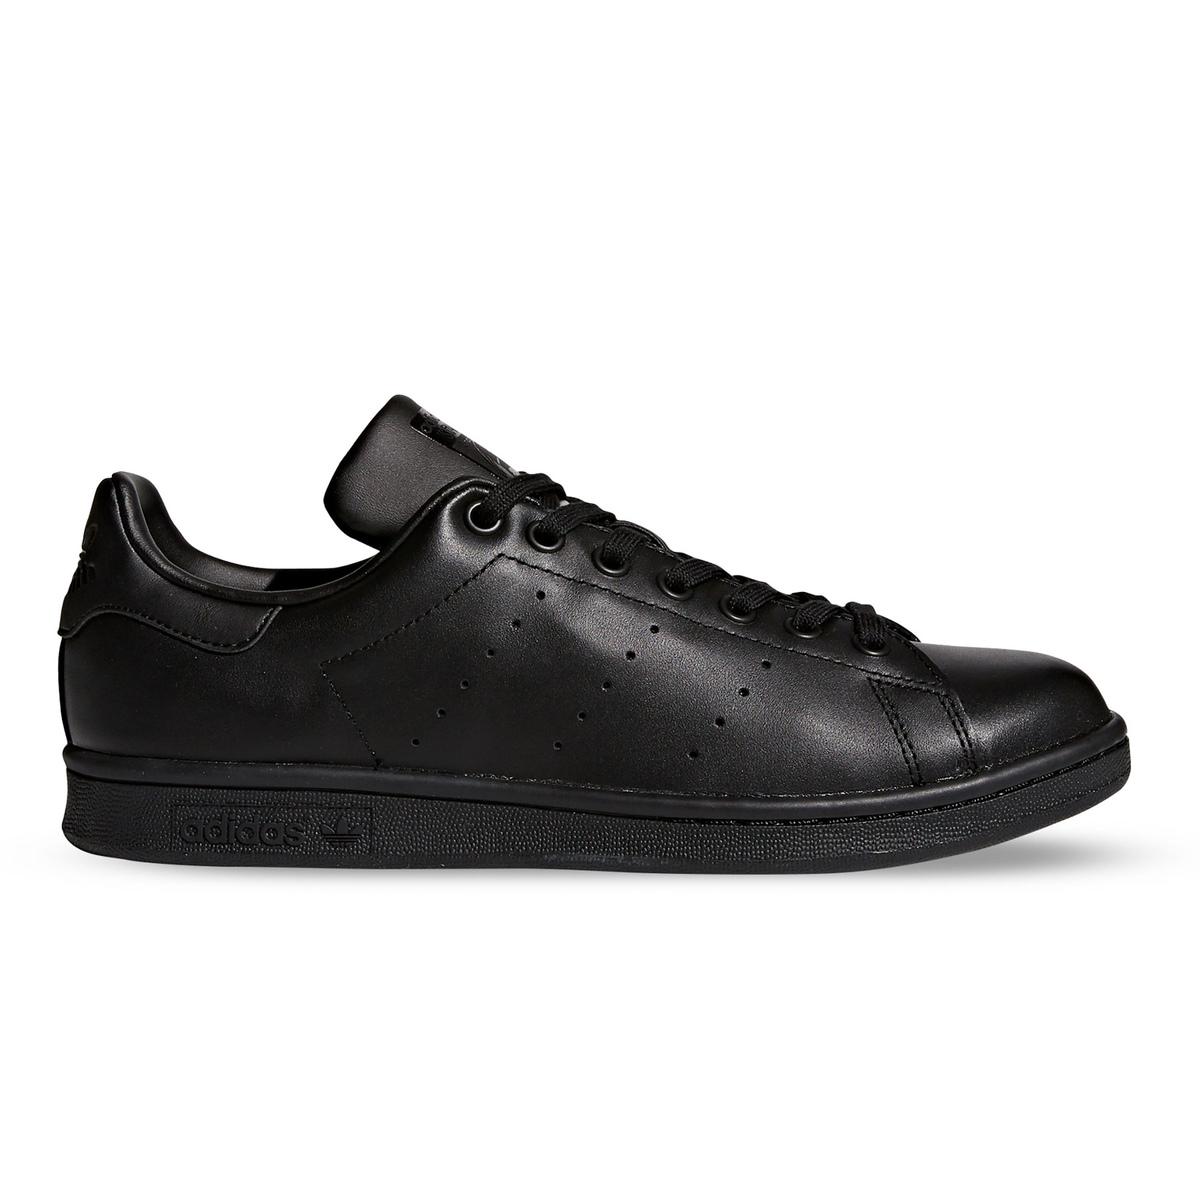 quality design b3333 dd73a -16%. 79.95€. 94.95€. adidas originals stan smith ...